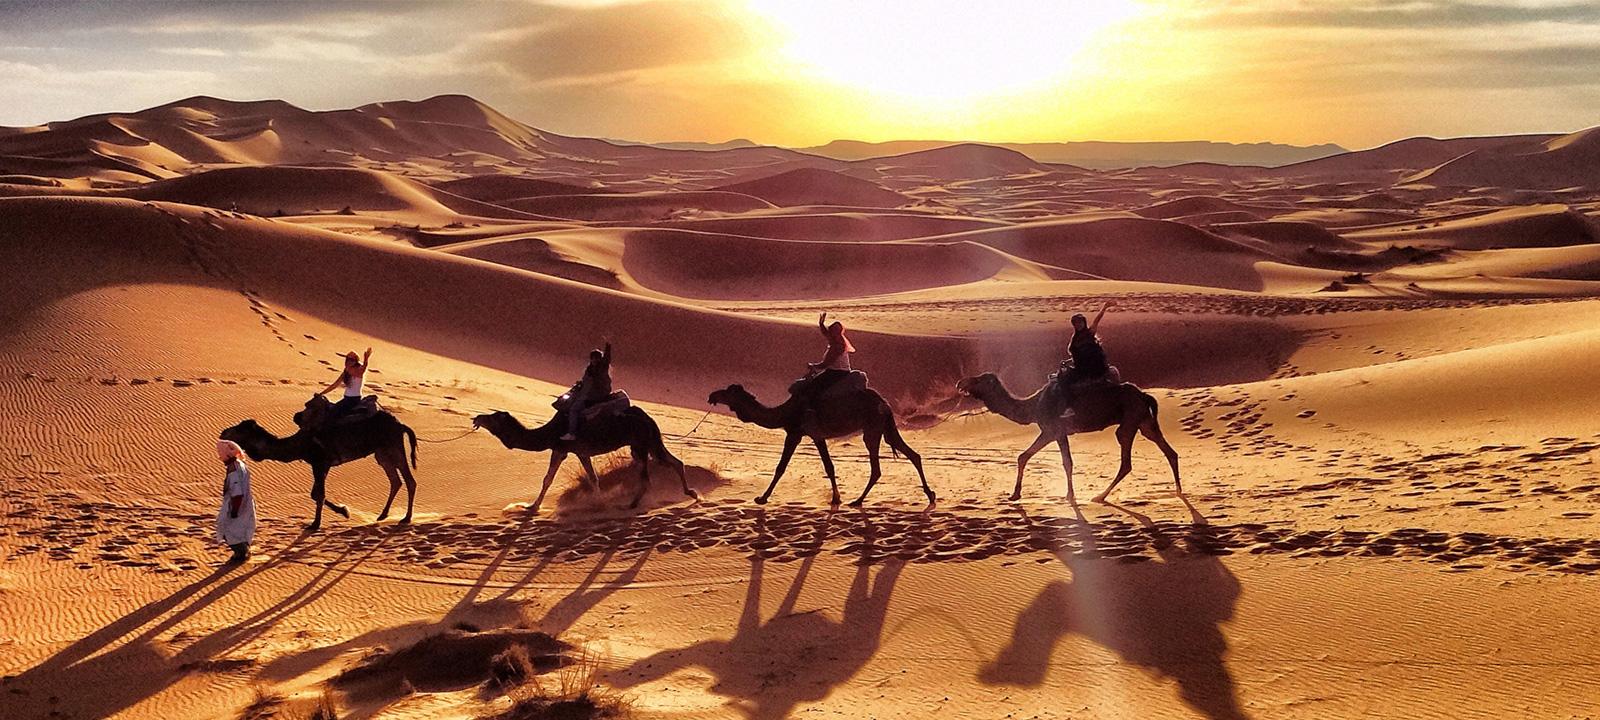 Blog Maroc Excursion - Blog des excursion au Maroc